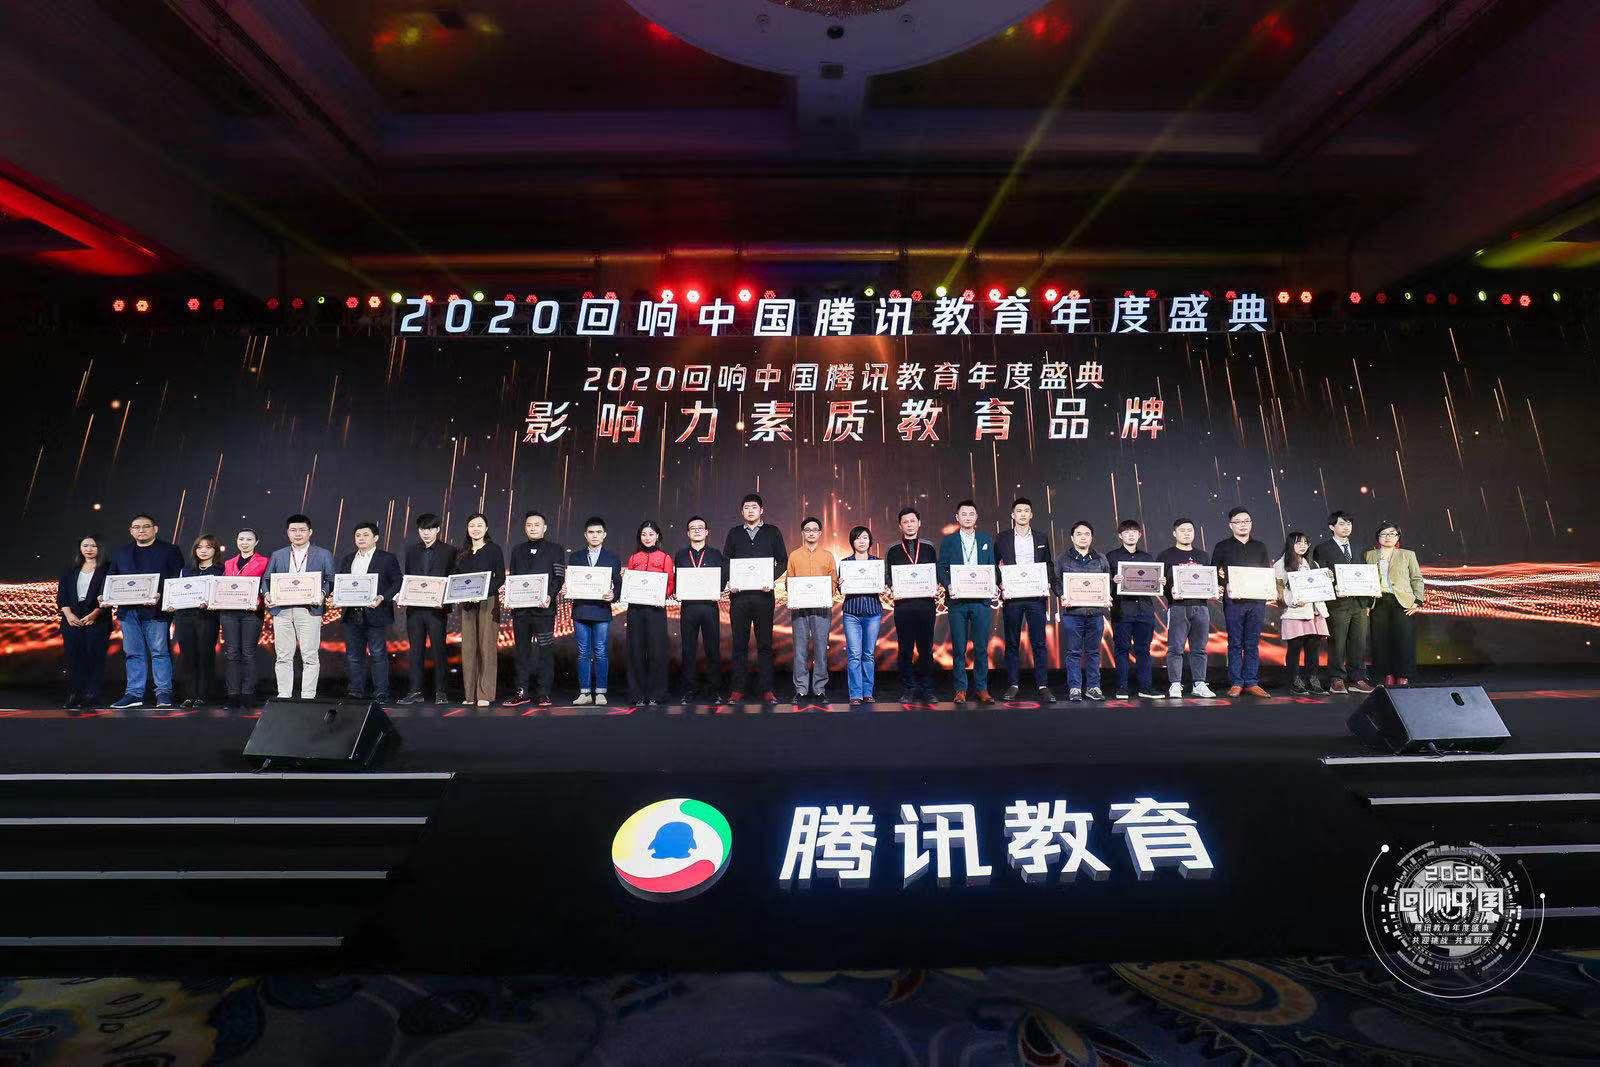 """玖月教育再获2020""""回响中国""""腾讯教育年度盛典 """"年度影响力素质教育品牌"""""""